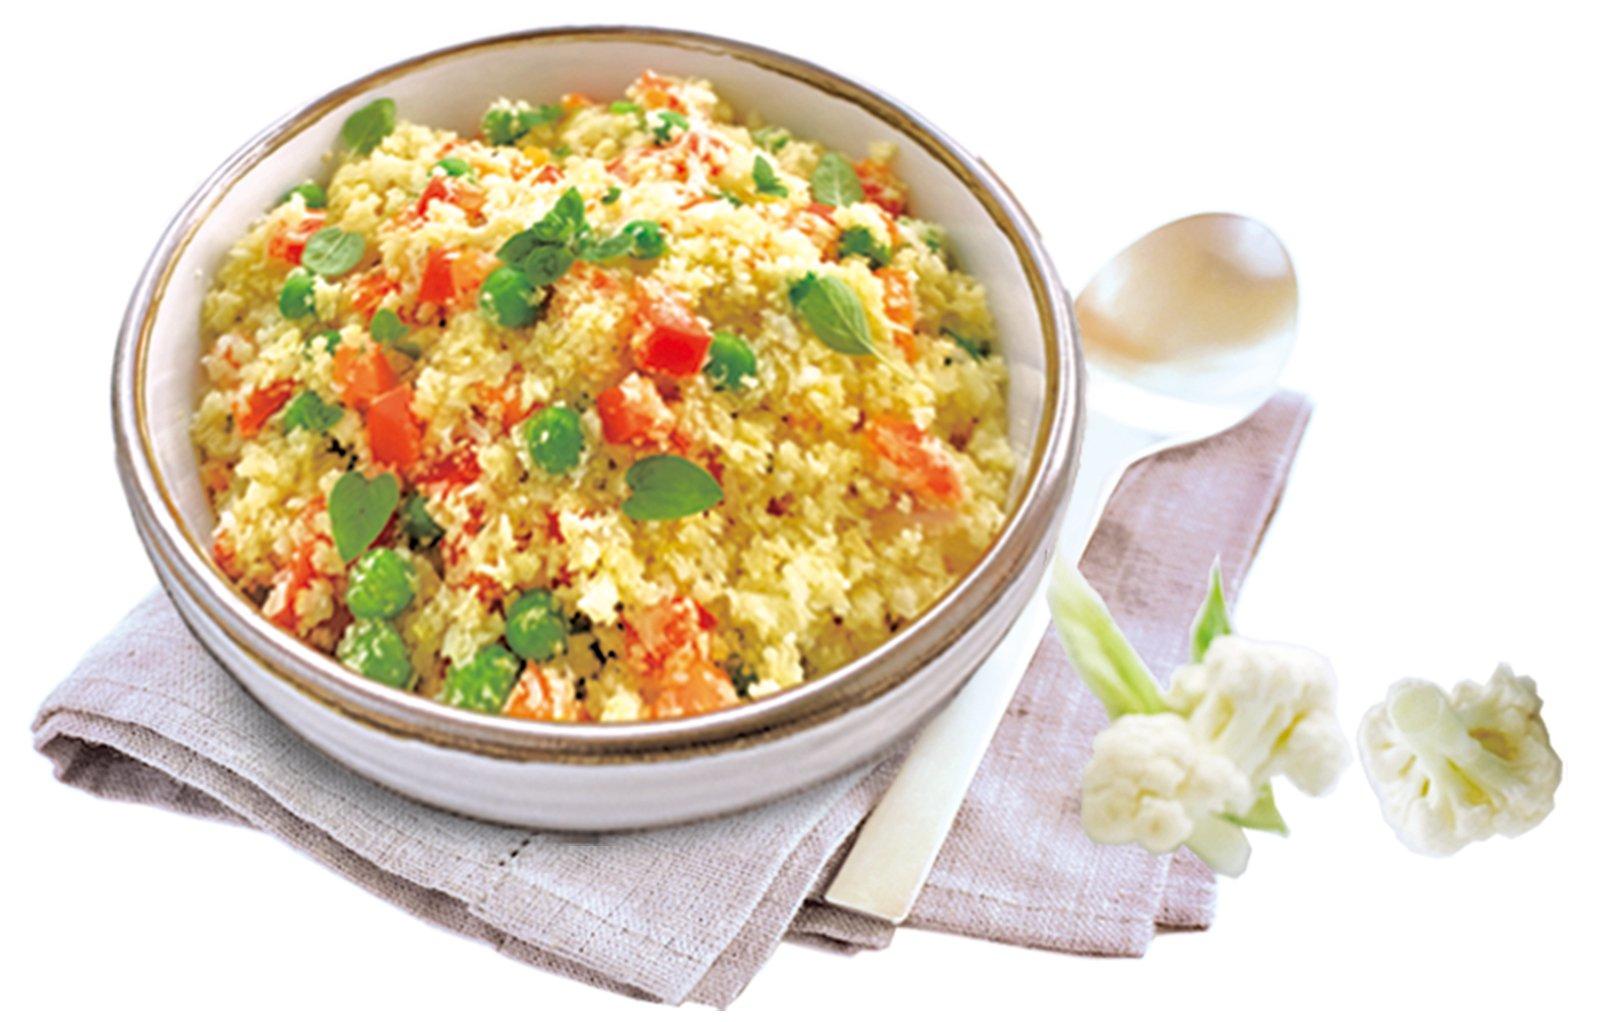 用椰菜花飯代替傳統米飯製作蔬菜炒飯。